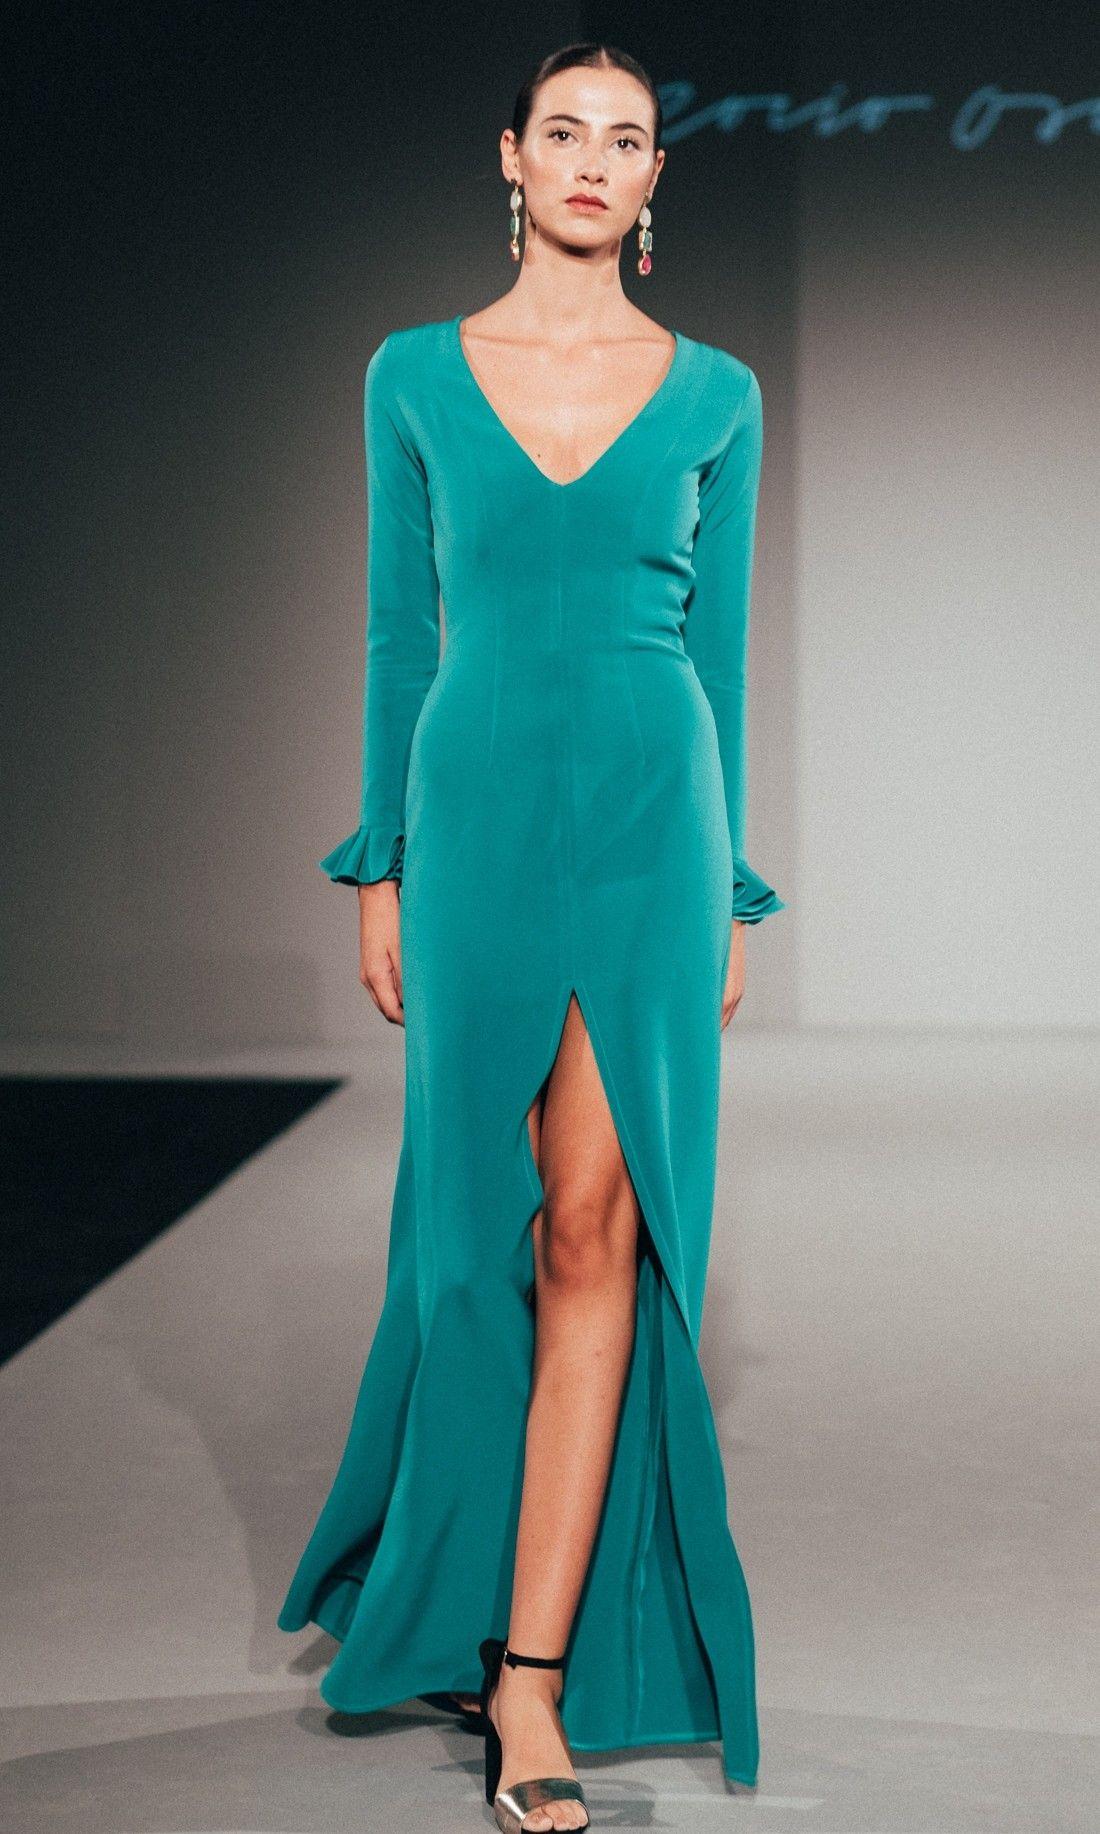 Vestido ana | Rocio osorno, Limpieza en seco y Vestidos invitada